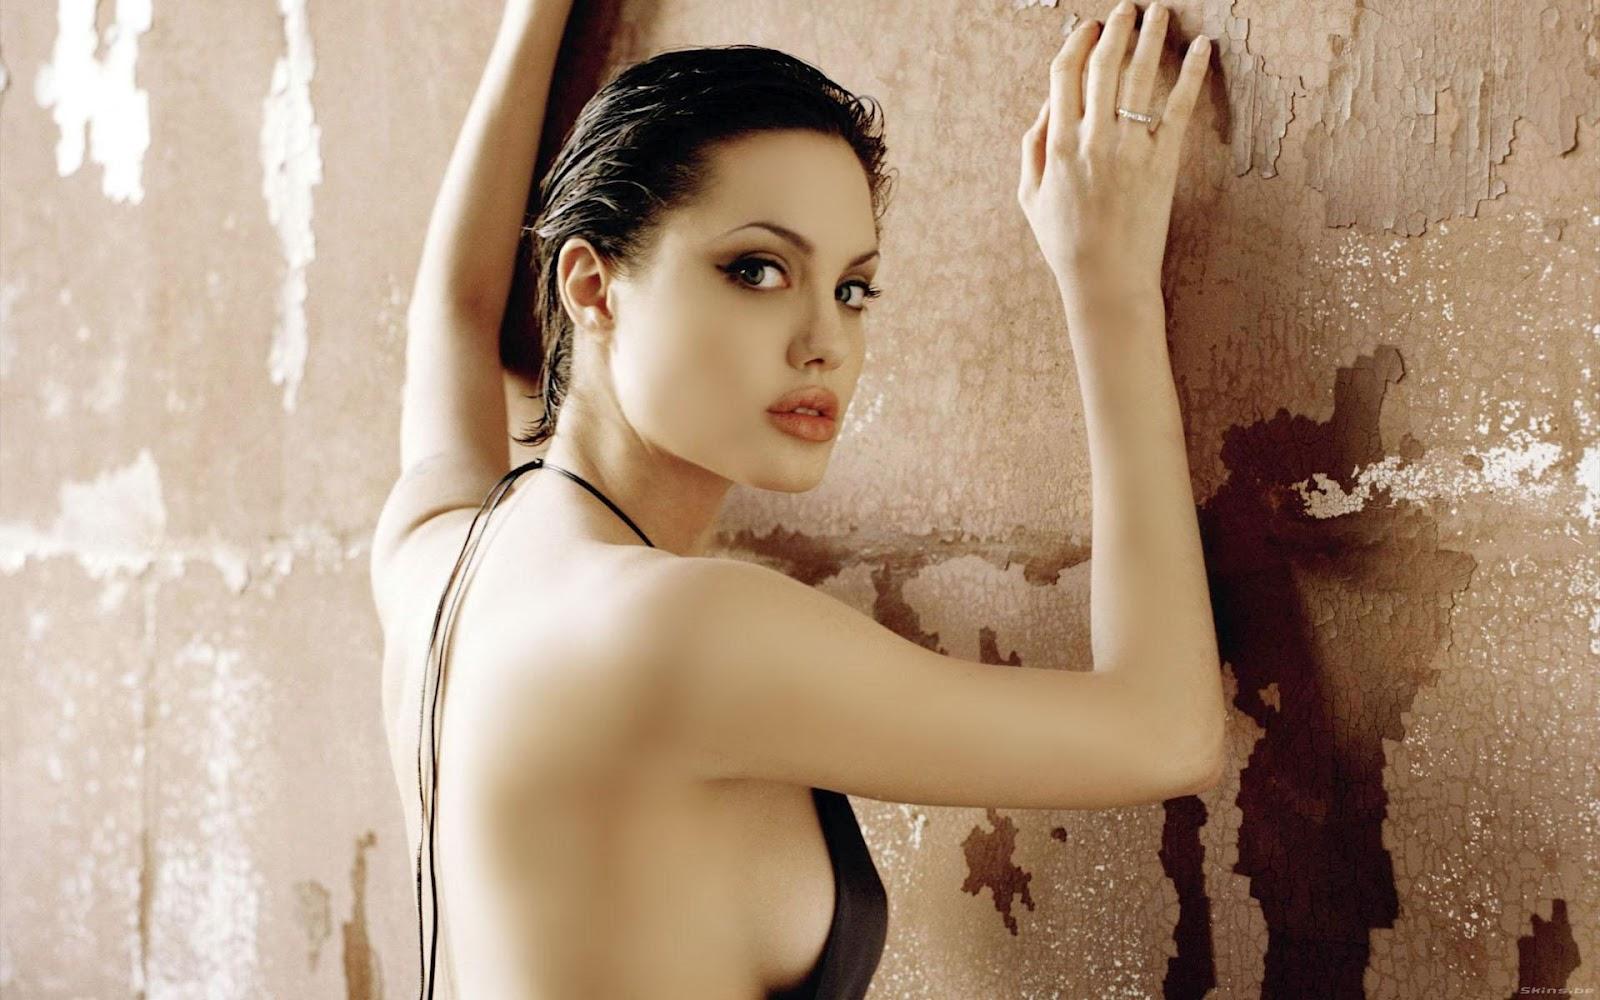 http://1.bp.blogspot.com/-vh_JEkmc8DA/T-lllbF76SI/AAAAAAAABkU/VymQF92JFpg/s1600/angelina-jolie+HD_wallpapers.jpg